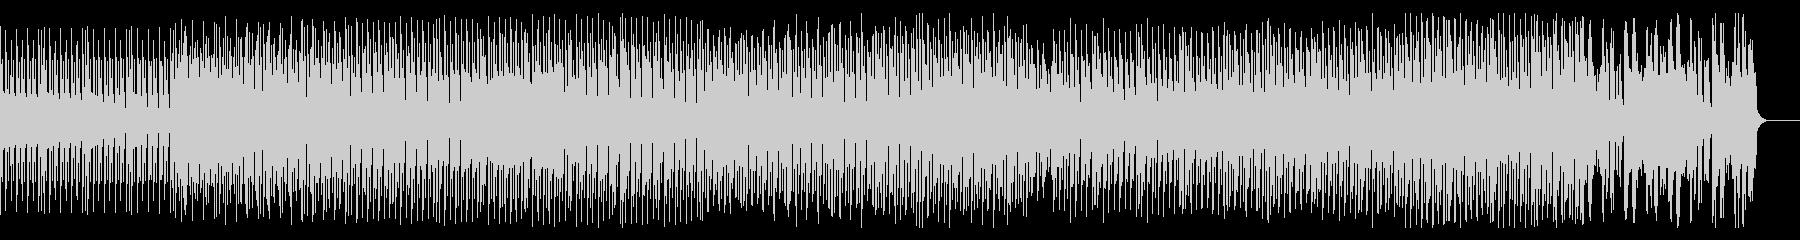 ダークで緊迫感のあるサスペンスBGMの未再生の波形